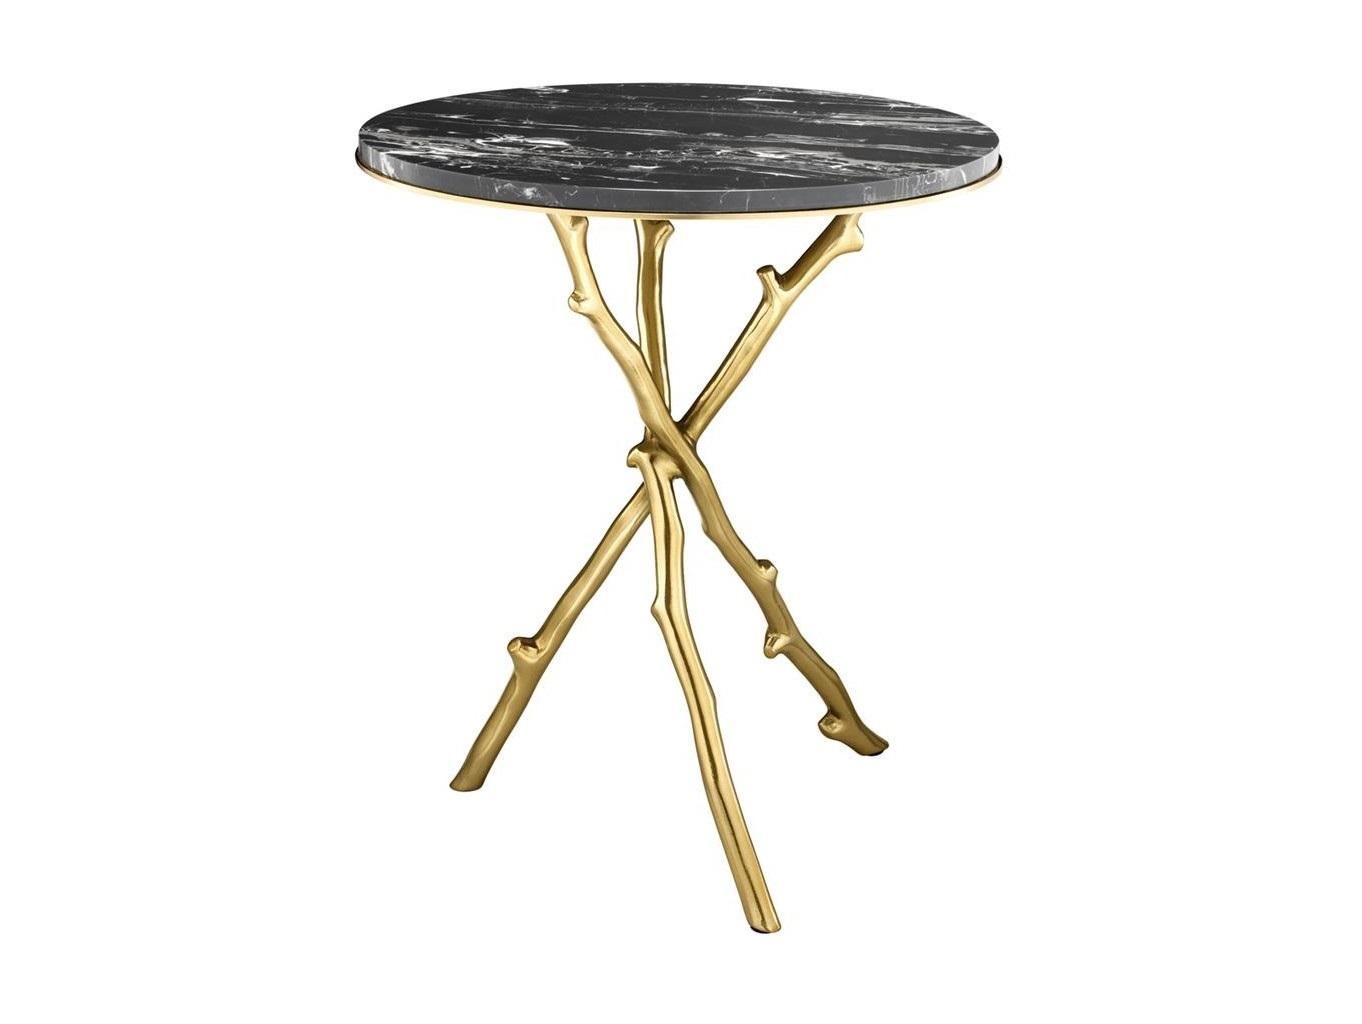 Стол WestchesterКофейные столики<br>Столик Westchester на оригинальных металлических ножках-ветвях золотого цвета.&amp;nbsp;Столешница из мрамора черного цвета.<br><br>kit: None<br>gender: None